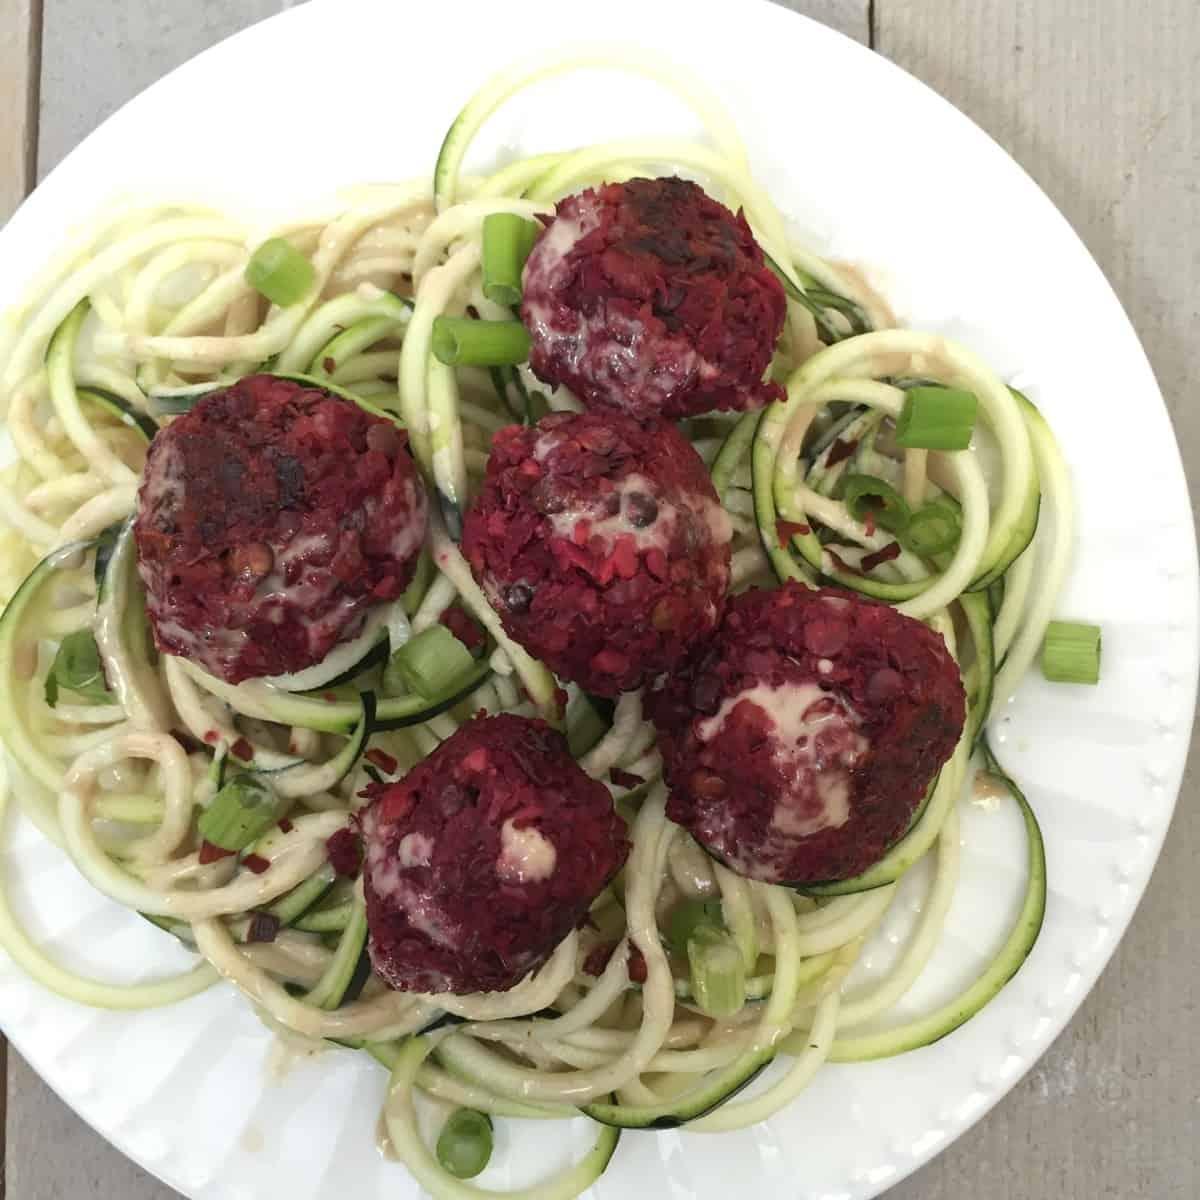 Beet, Lentil, & Ginger Meatballs